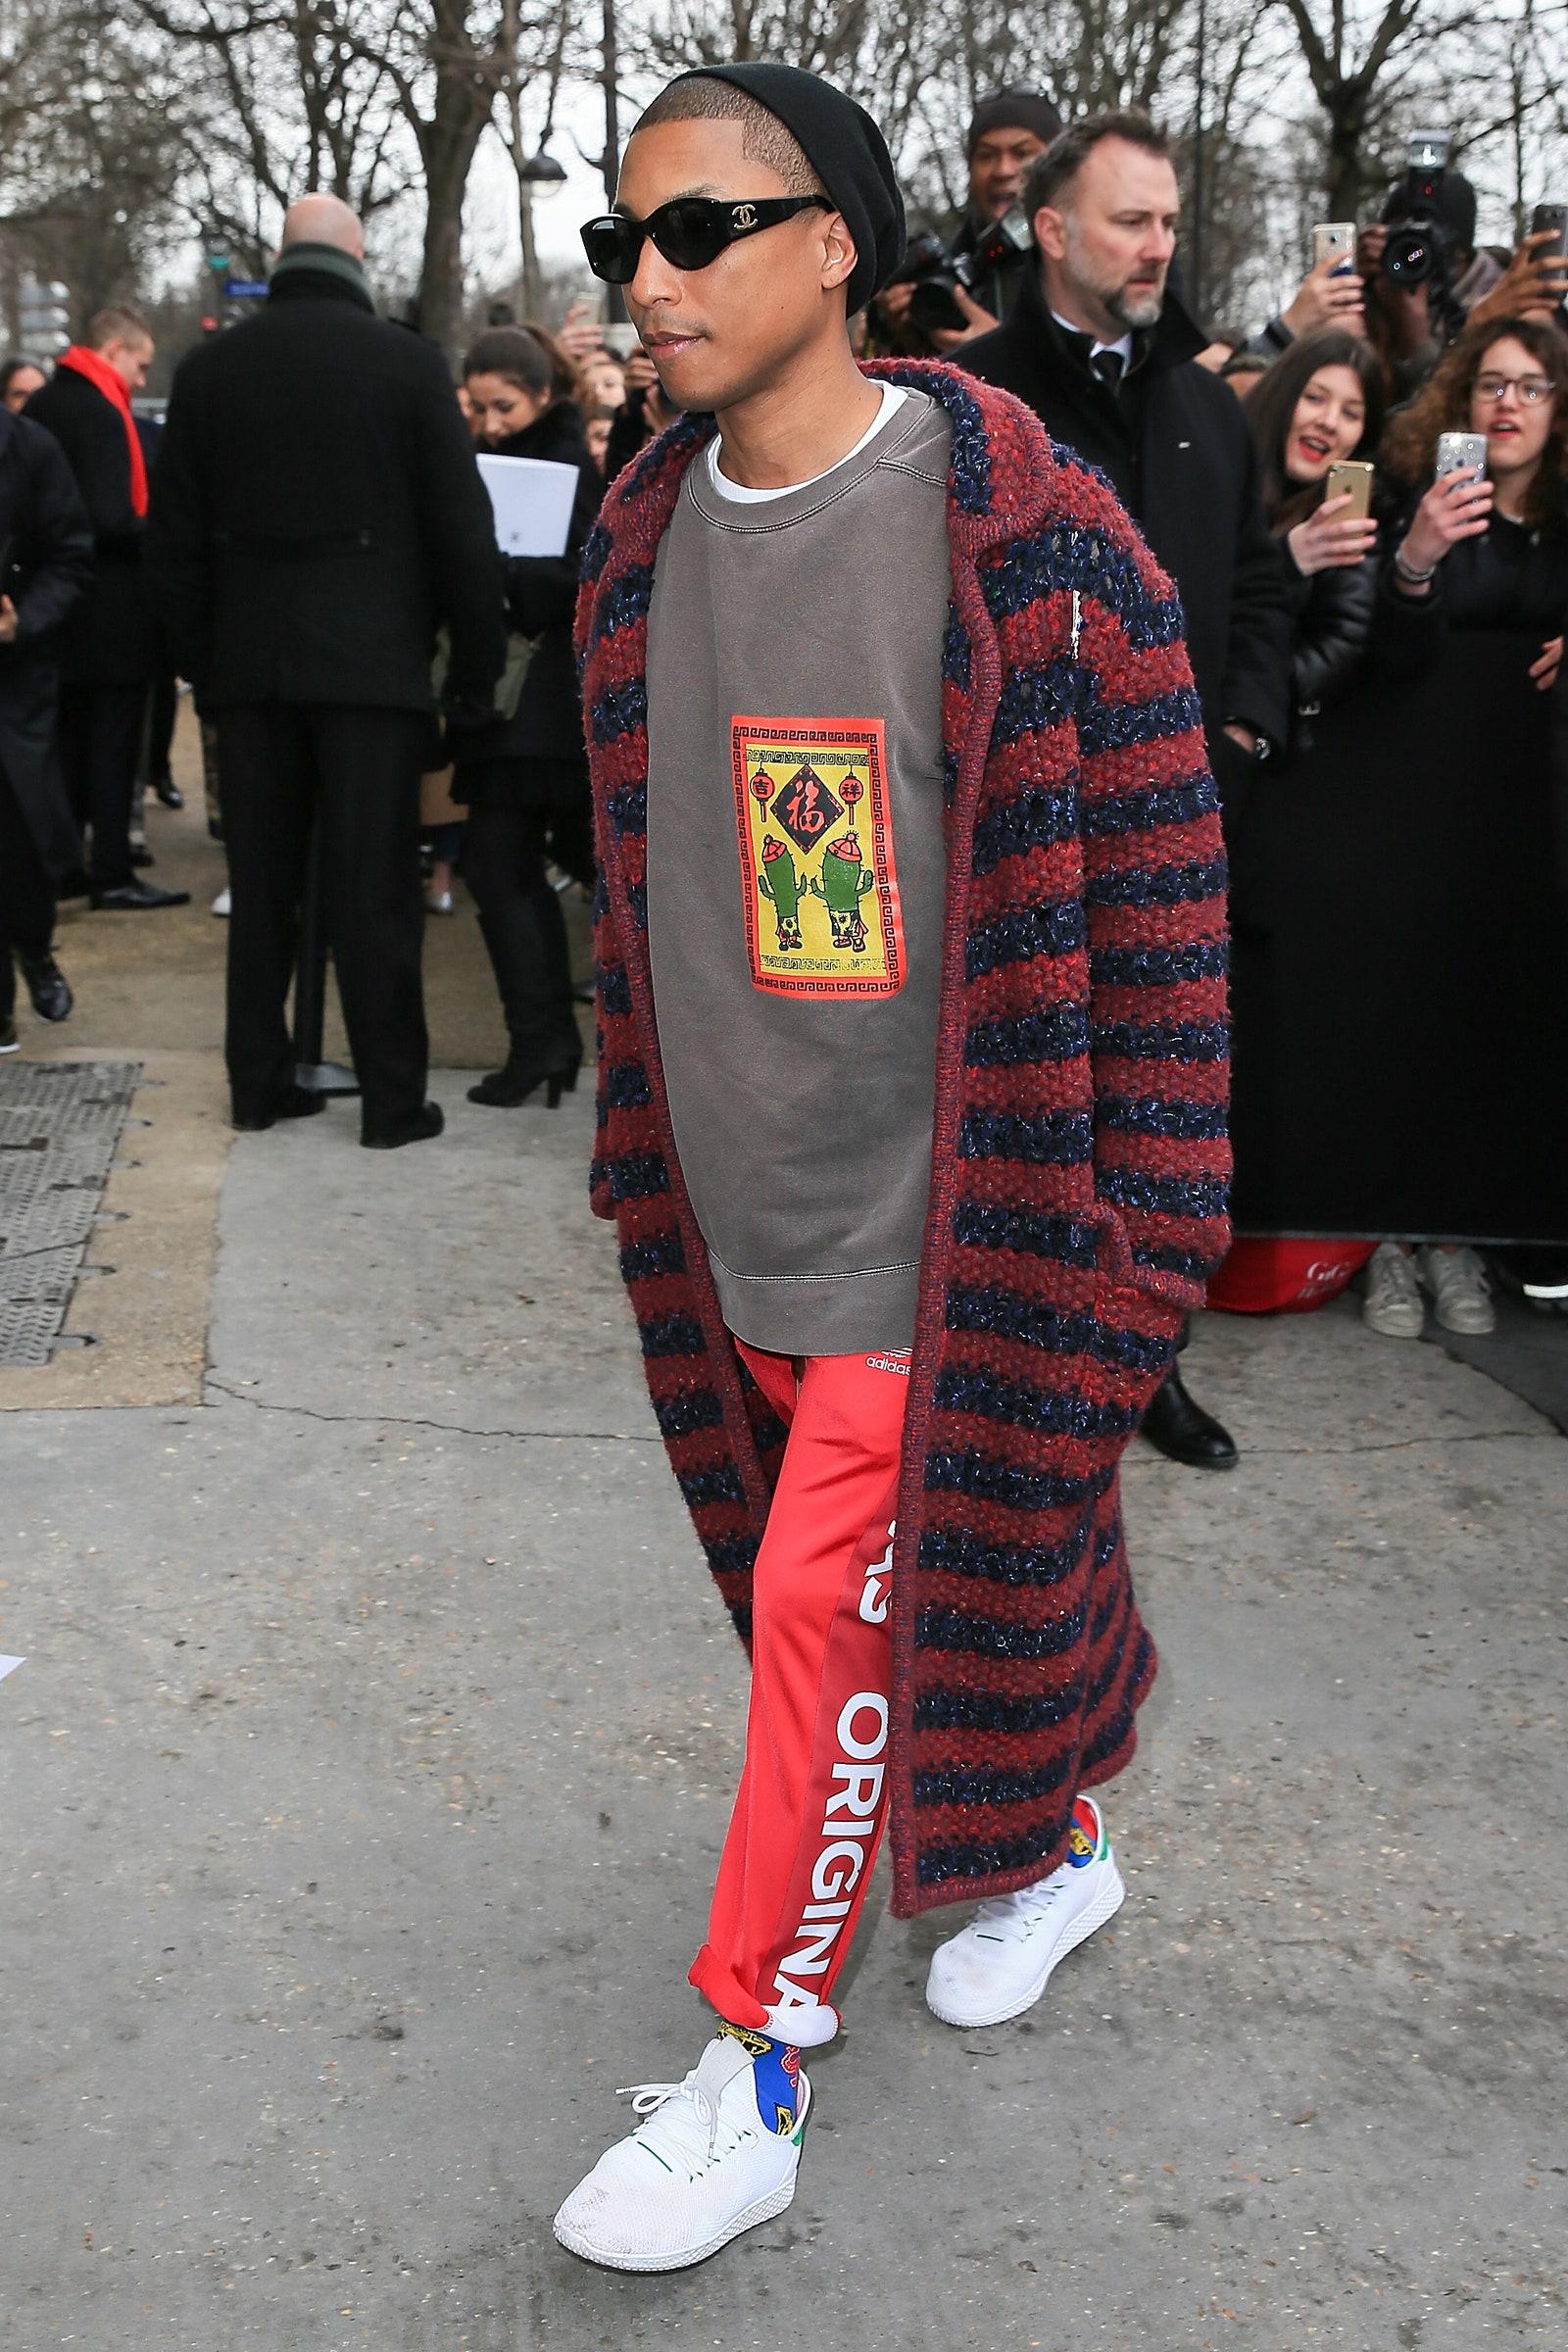 Pharrell Williams llegando al desfile de Chanel en la Paris Fashion Week Womenswear Otoño/Invierno 2017/2018. Fotografía: Pierre Suu/GC Images